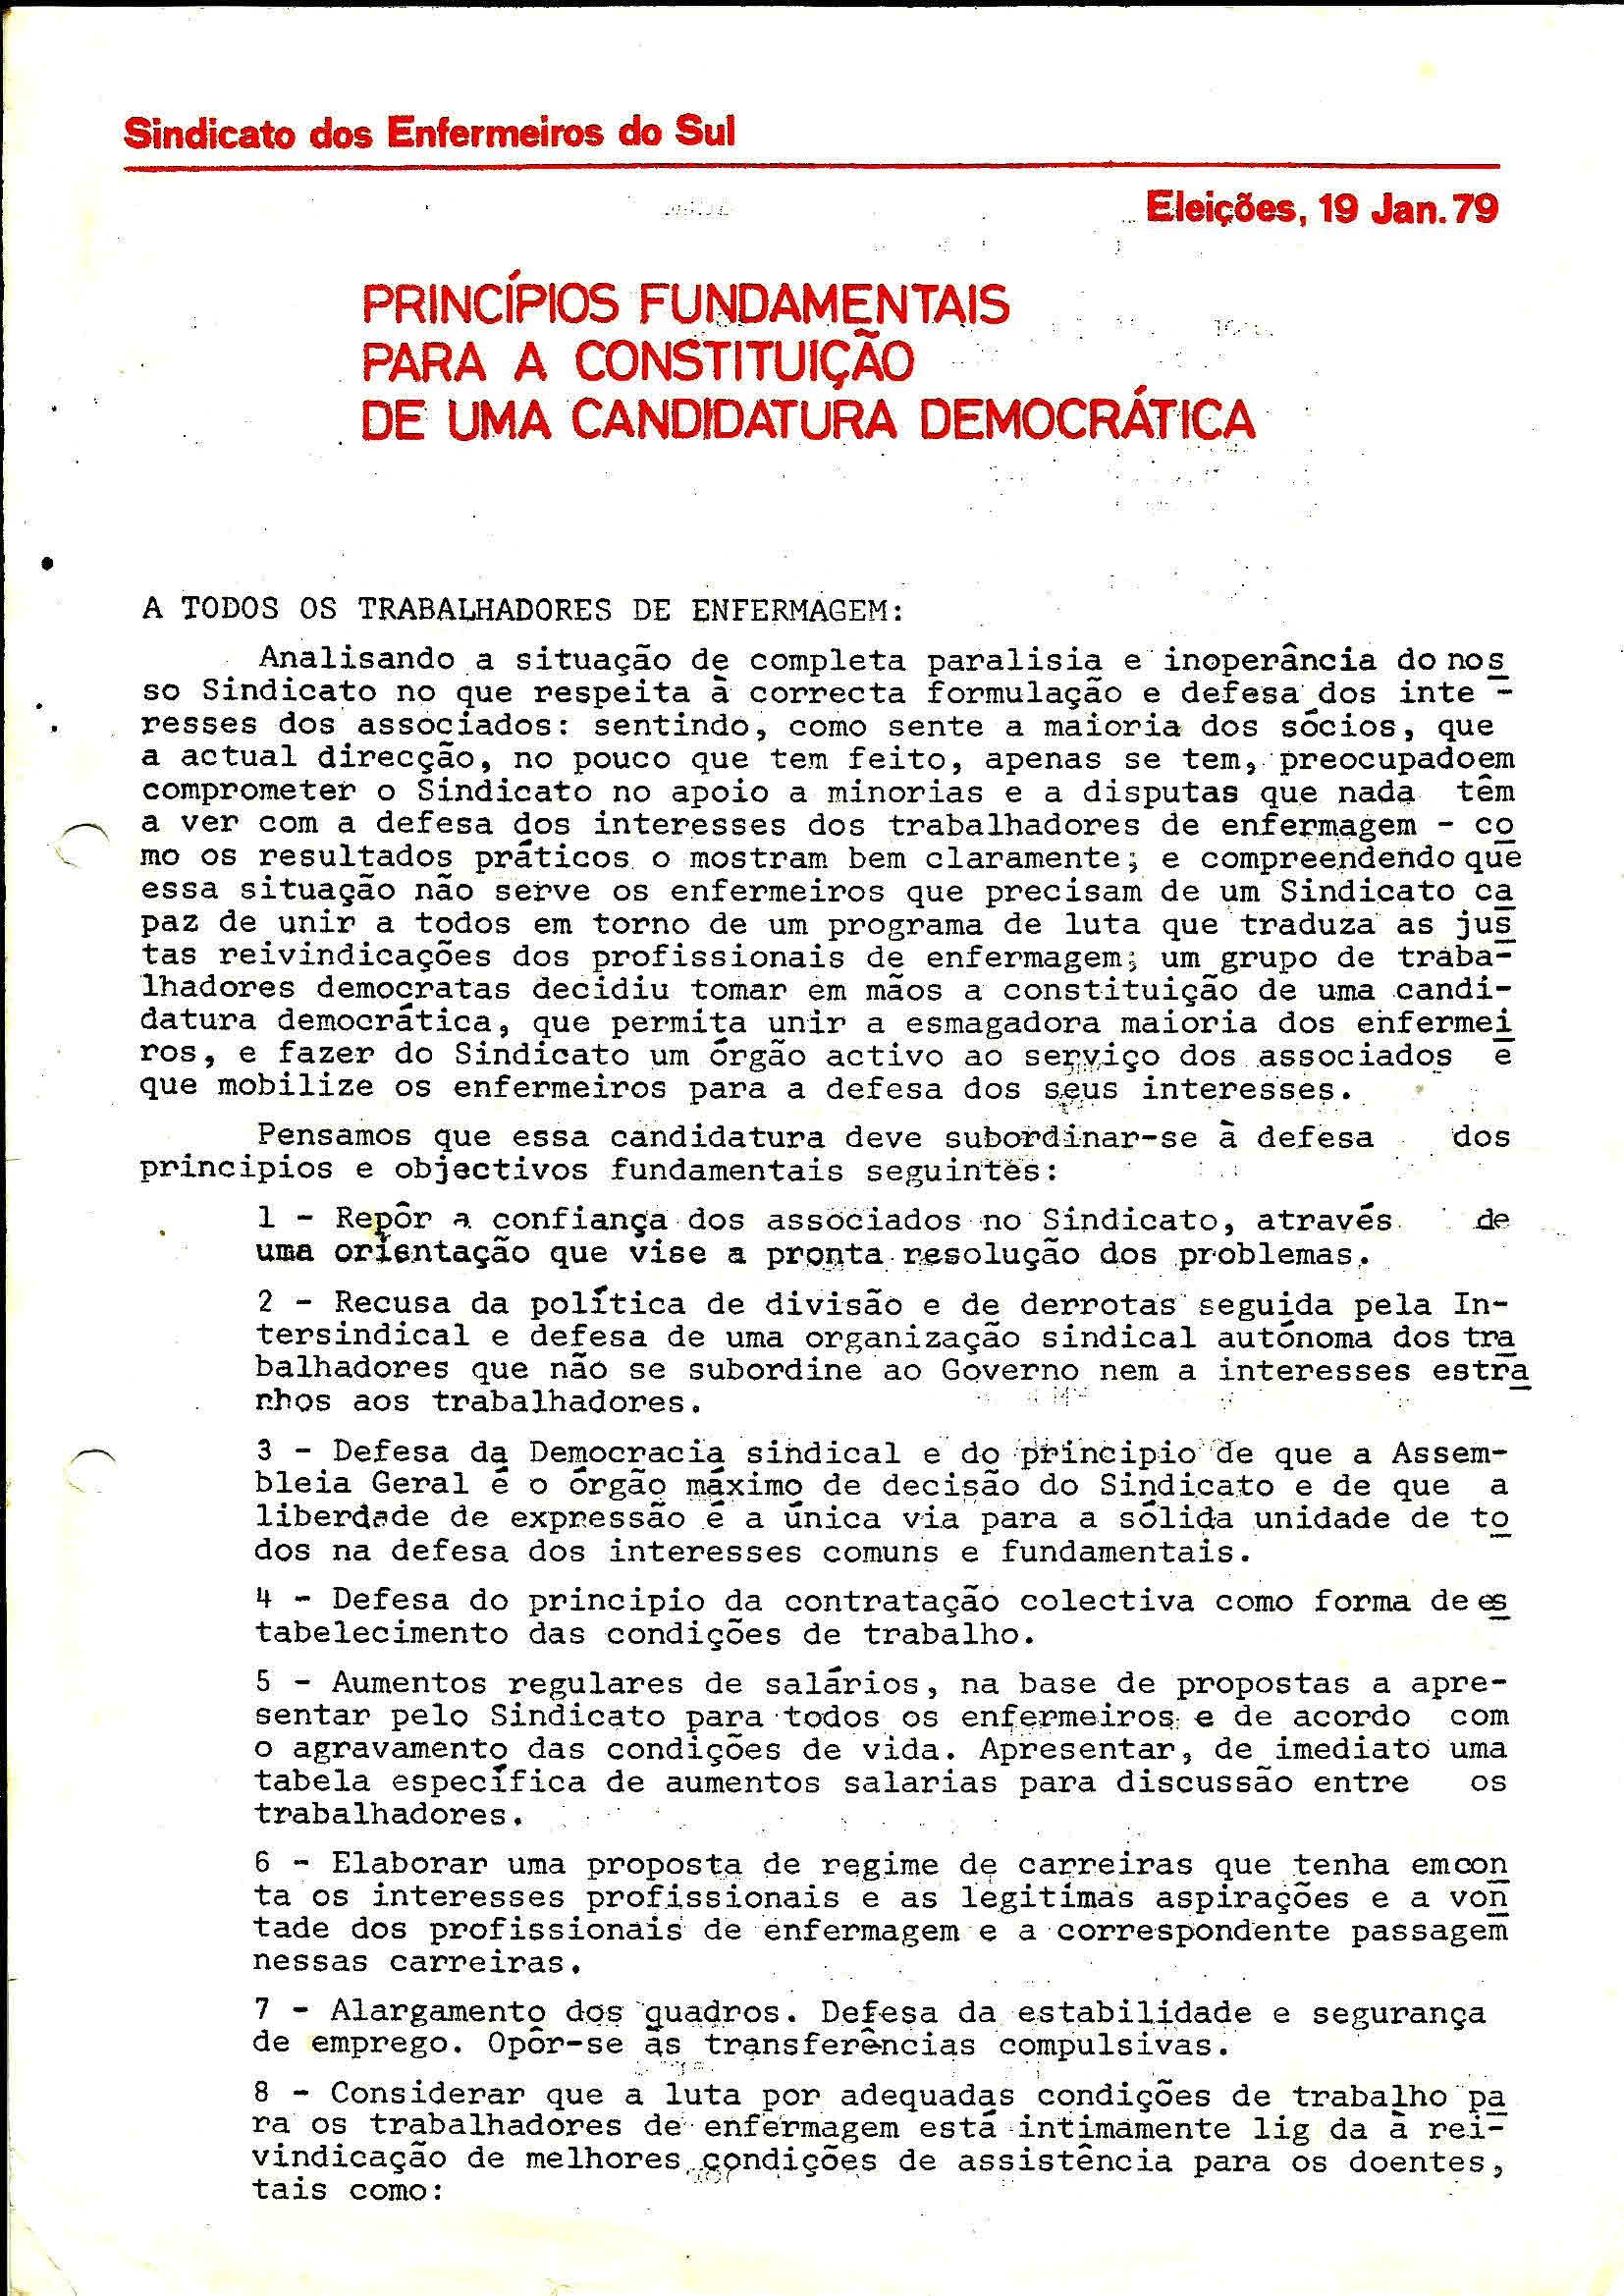 1 Sind Enferm do Sul Eleiçoes Janeiro 1979 1